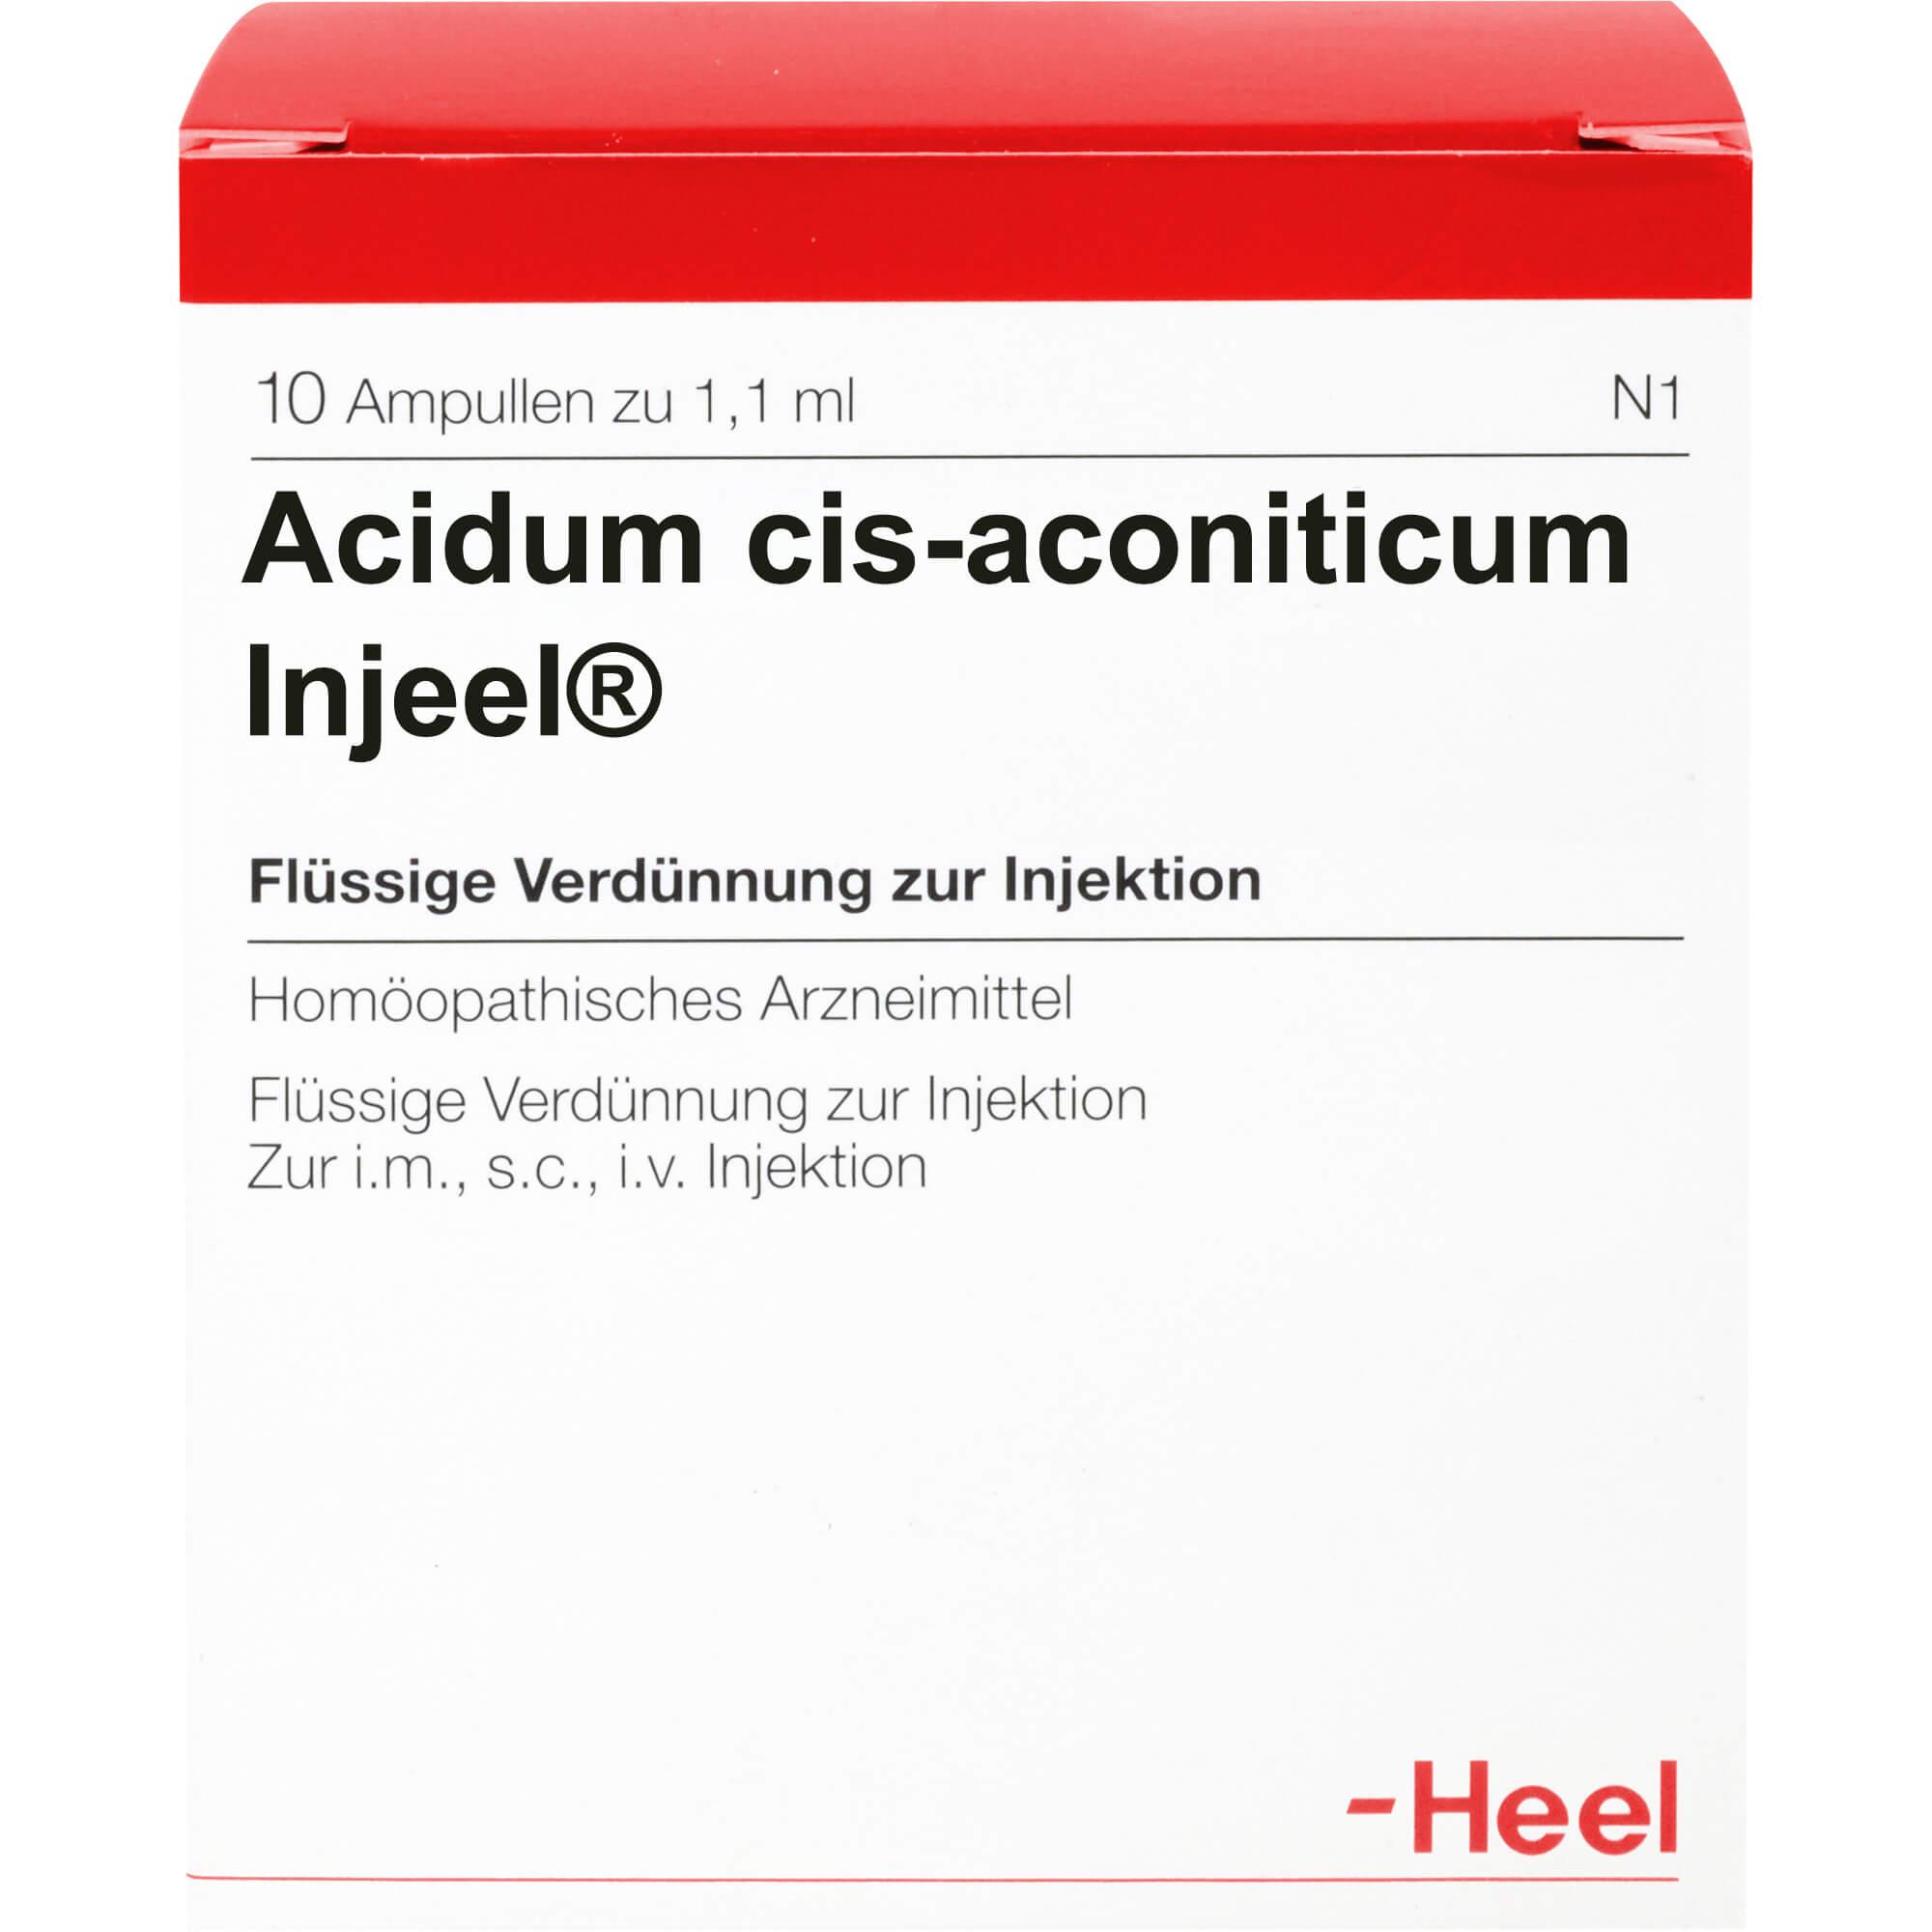 ACIDUM CIS-aconiticum Injeel Ampullen